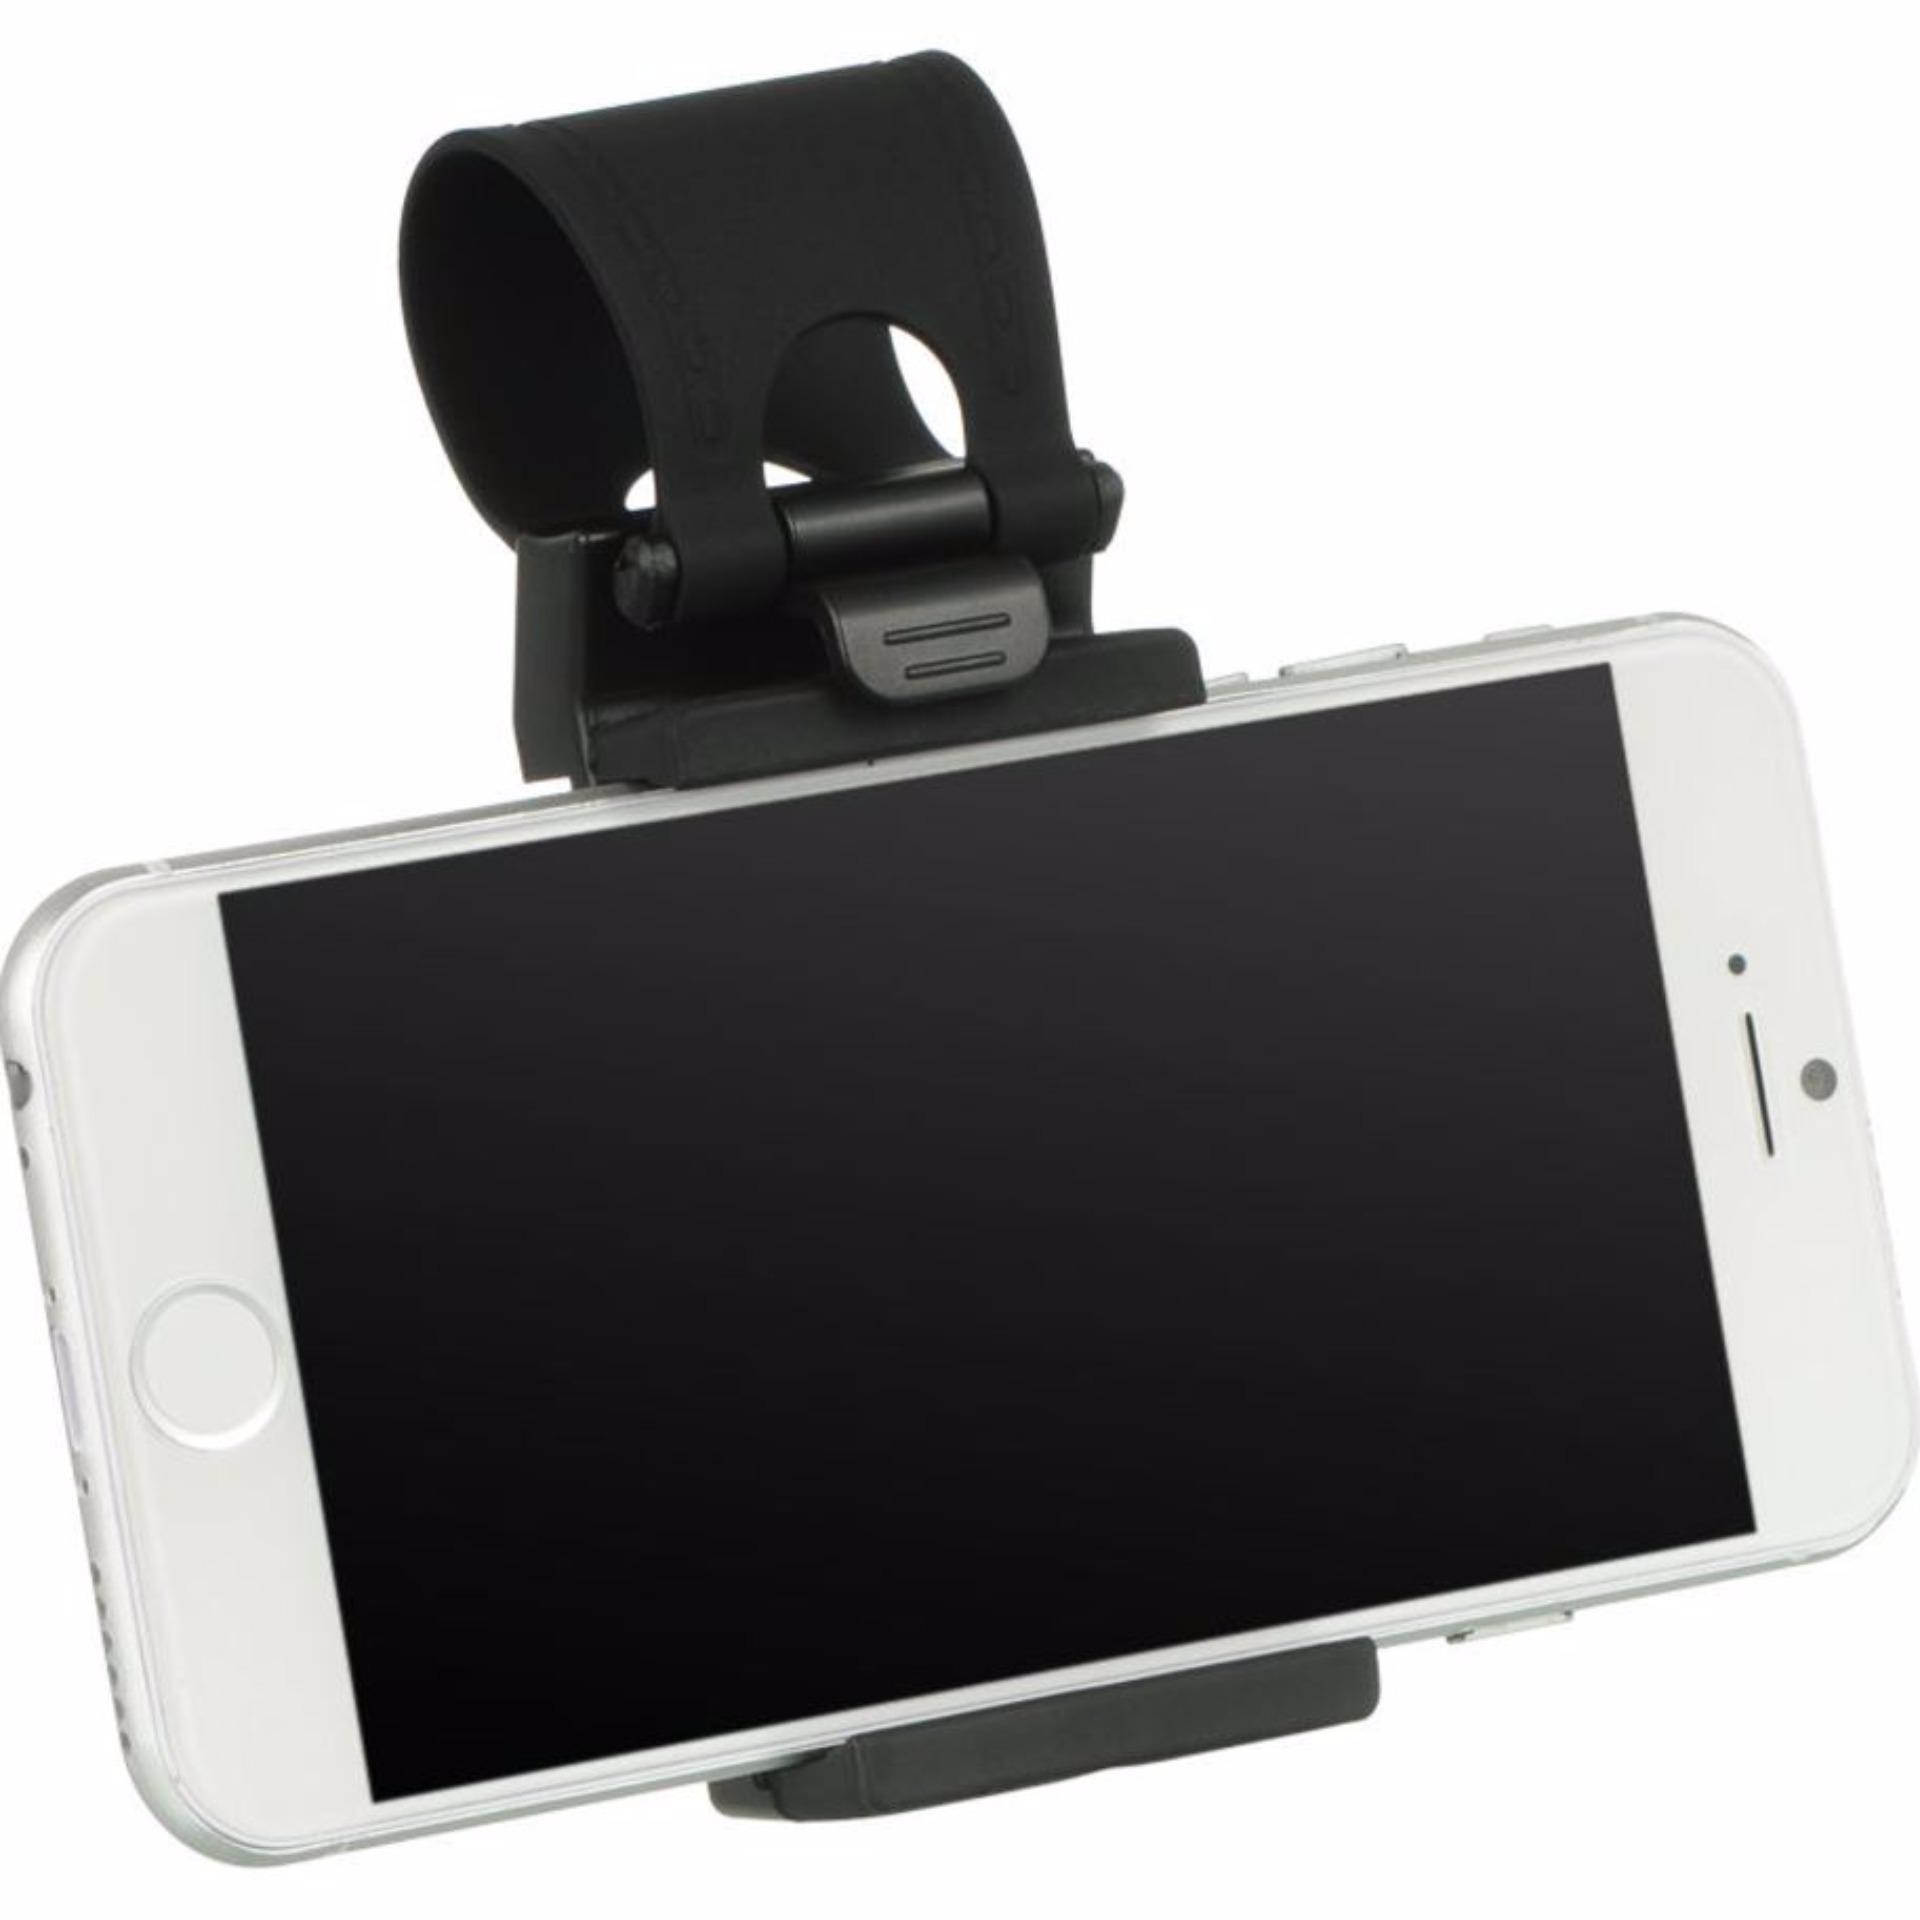 Stir Kemudi Mobil Holder Phone Daftar Harga Terbaru Terlengkap Handphone Setir Tempel Smartphone Hp Gps Goog Hitam Model Universal Bisauntuk Semua Merk